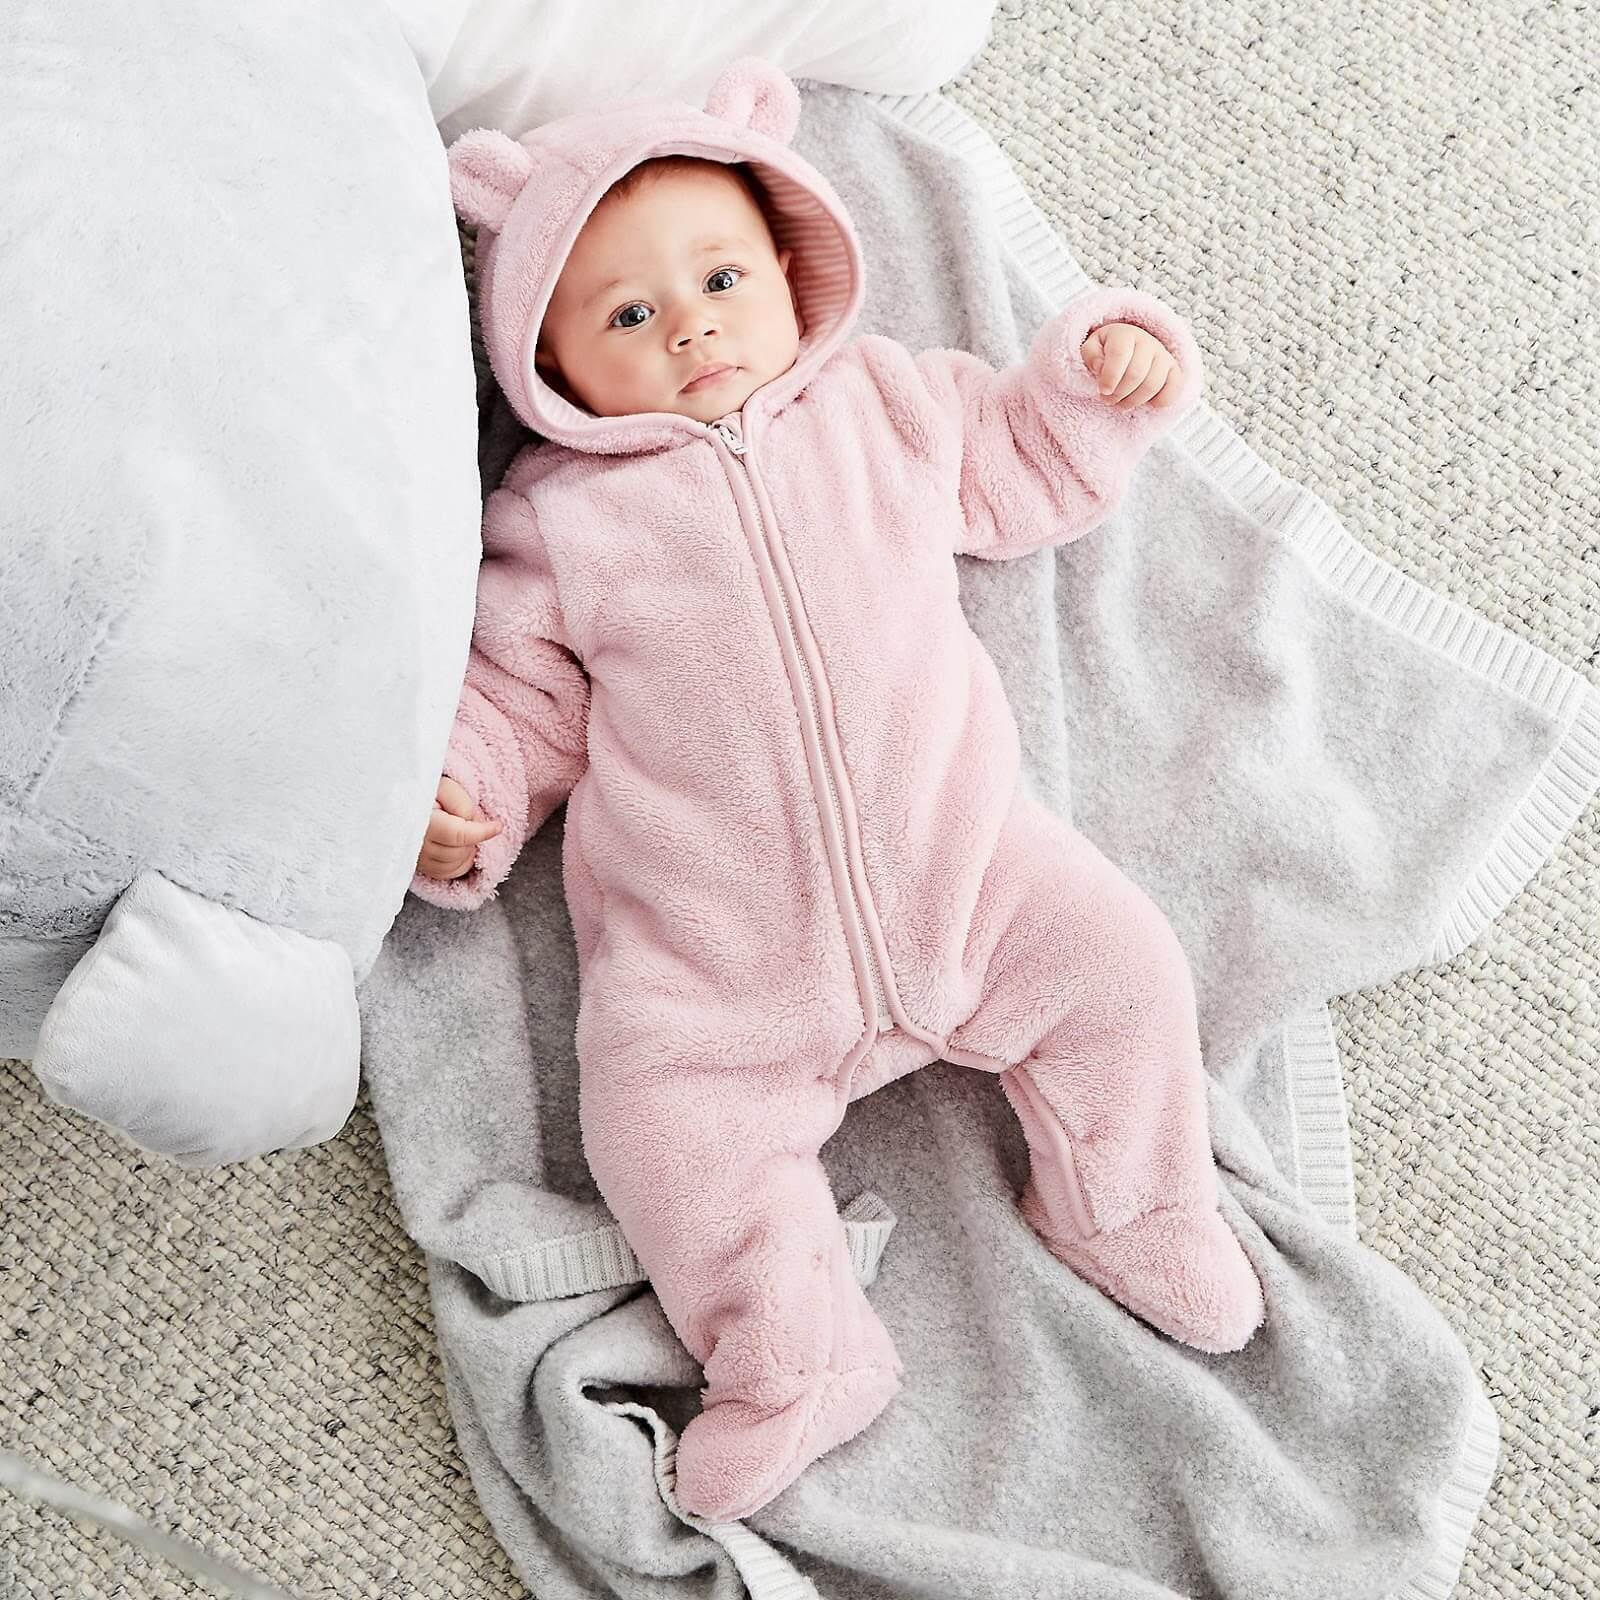 Trẻ sơ sinh 1 tuần tuổi cần được giữ ấm